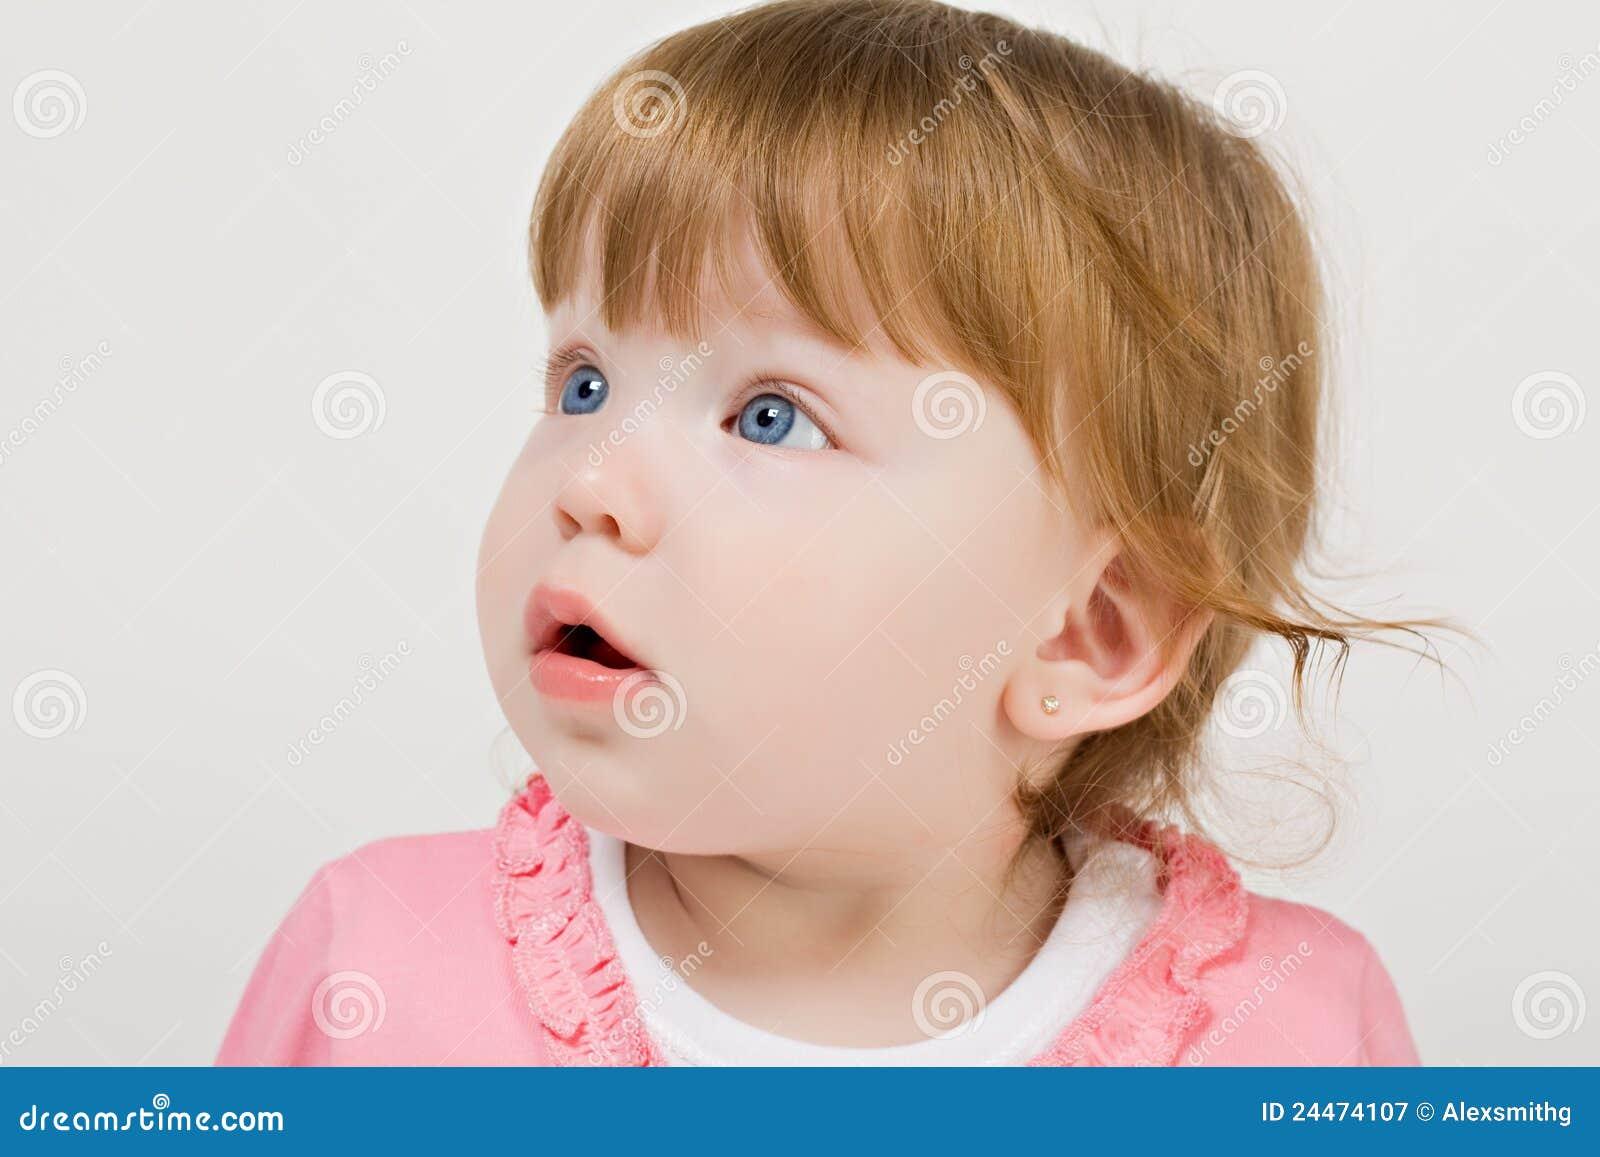 redhead baby archivbilder abgabe des download 596 geben. Black Bedroom Furniture Sets. Home Design Ideas